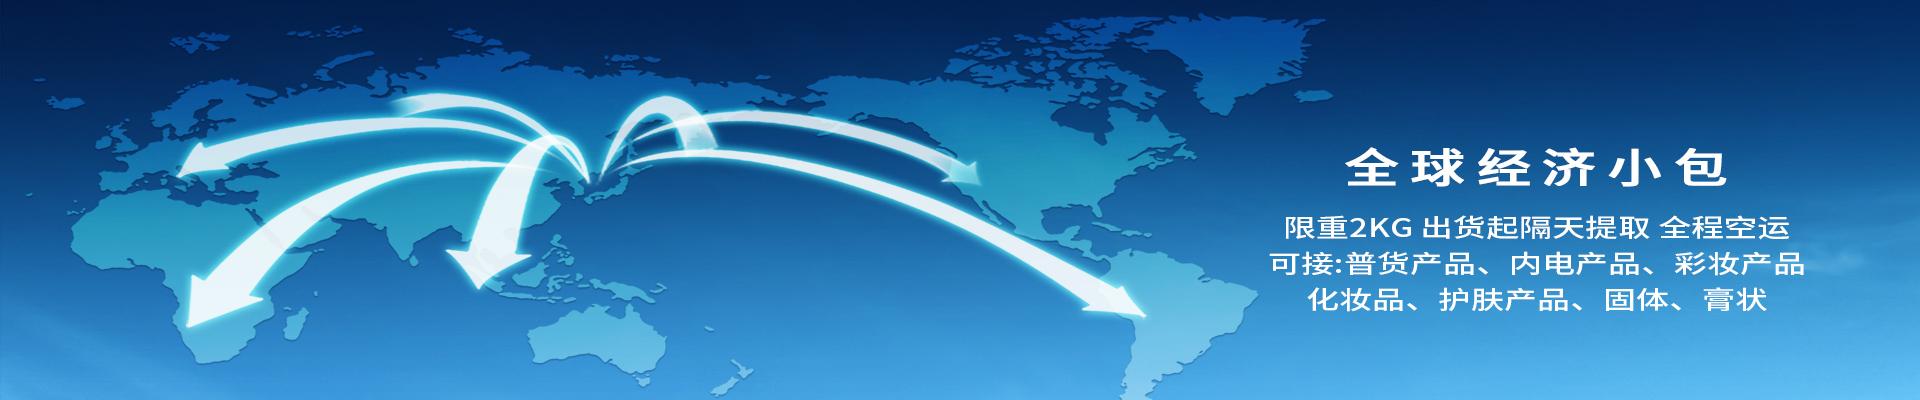 全球經濟小包